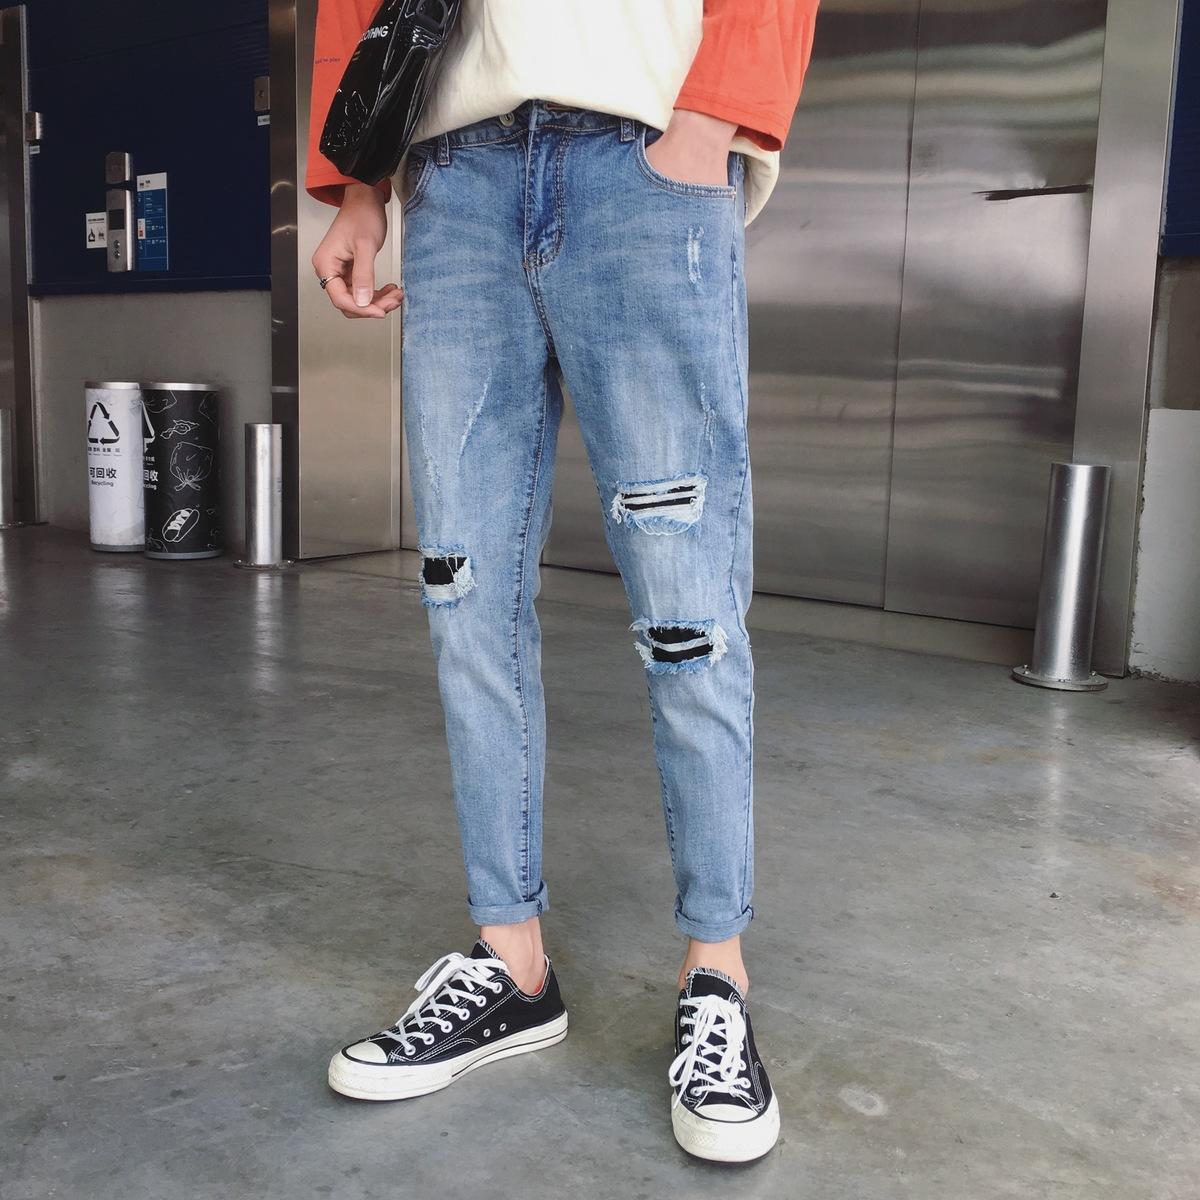 Compre 2018 Nuevos Hombres Coreanos Moda Casual Clásico Color Azul Agujeros  Hasta El Tobillo Pantalones Vaqueros Tide Stretch Slim Fit Jeans Pantalones  ... 3dd0396a647